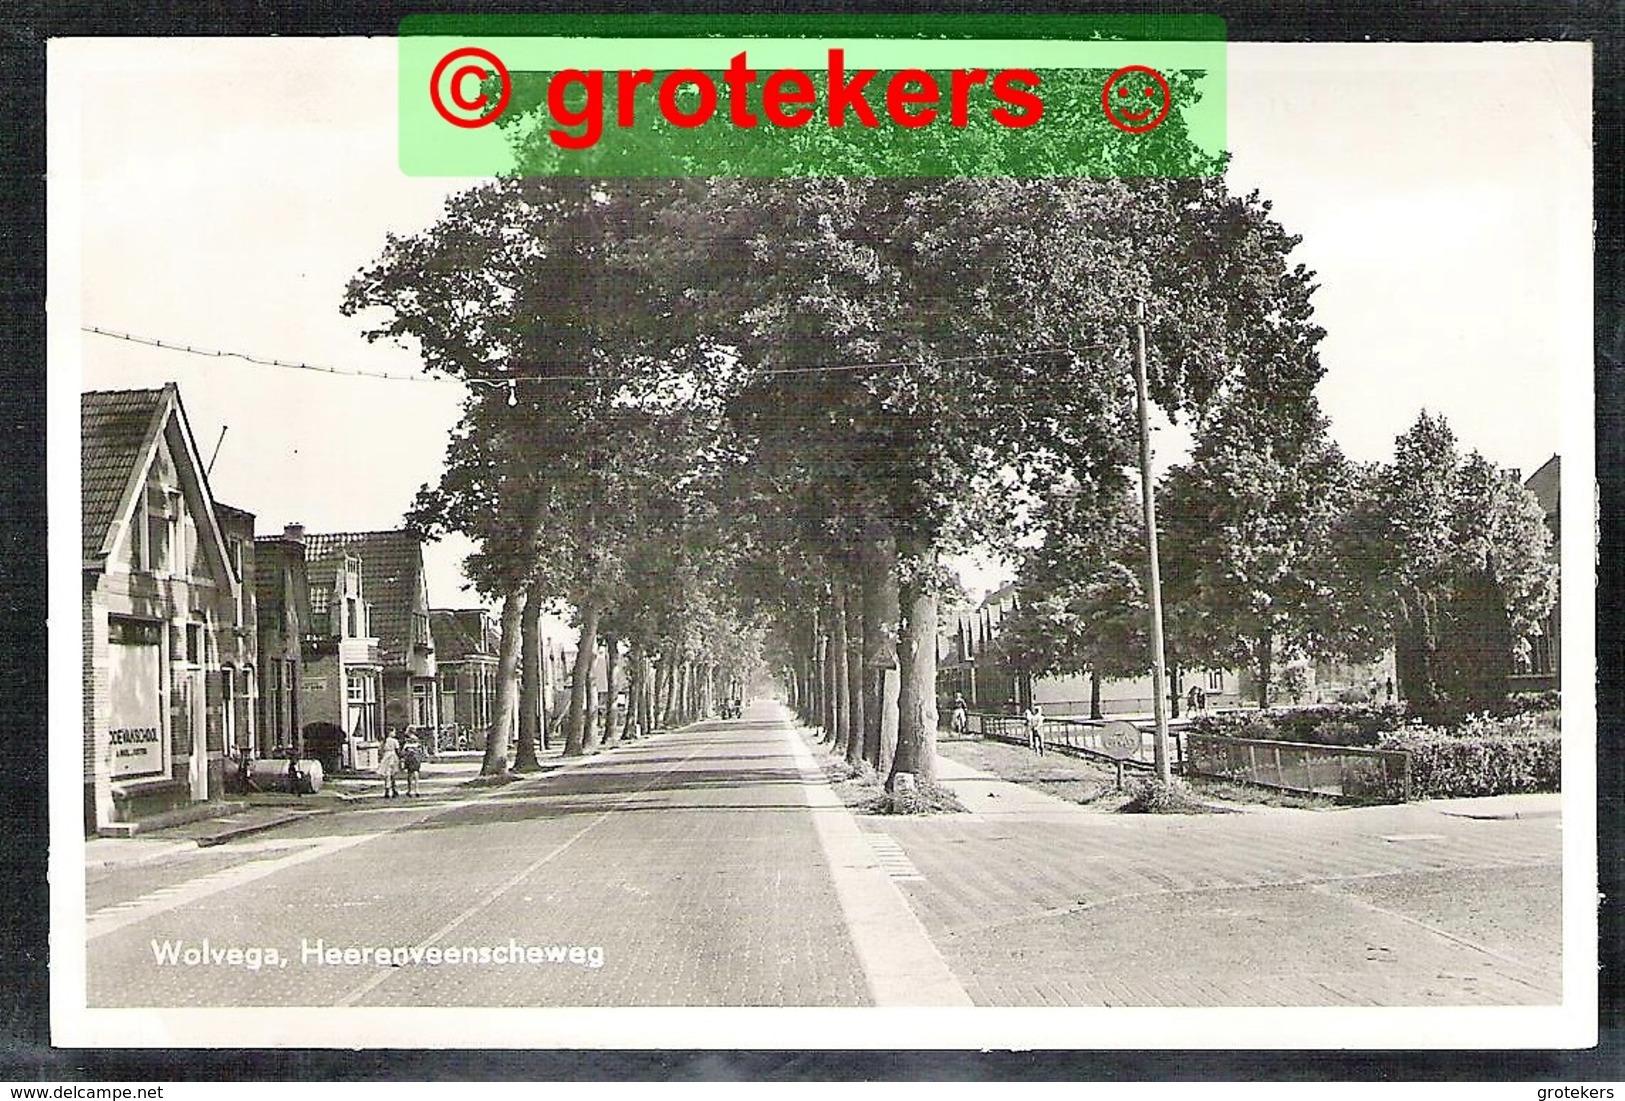 WOLVEGA Heerenveenscheweg 1951 - Wolvega